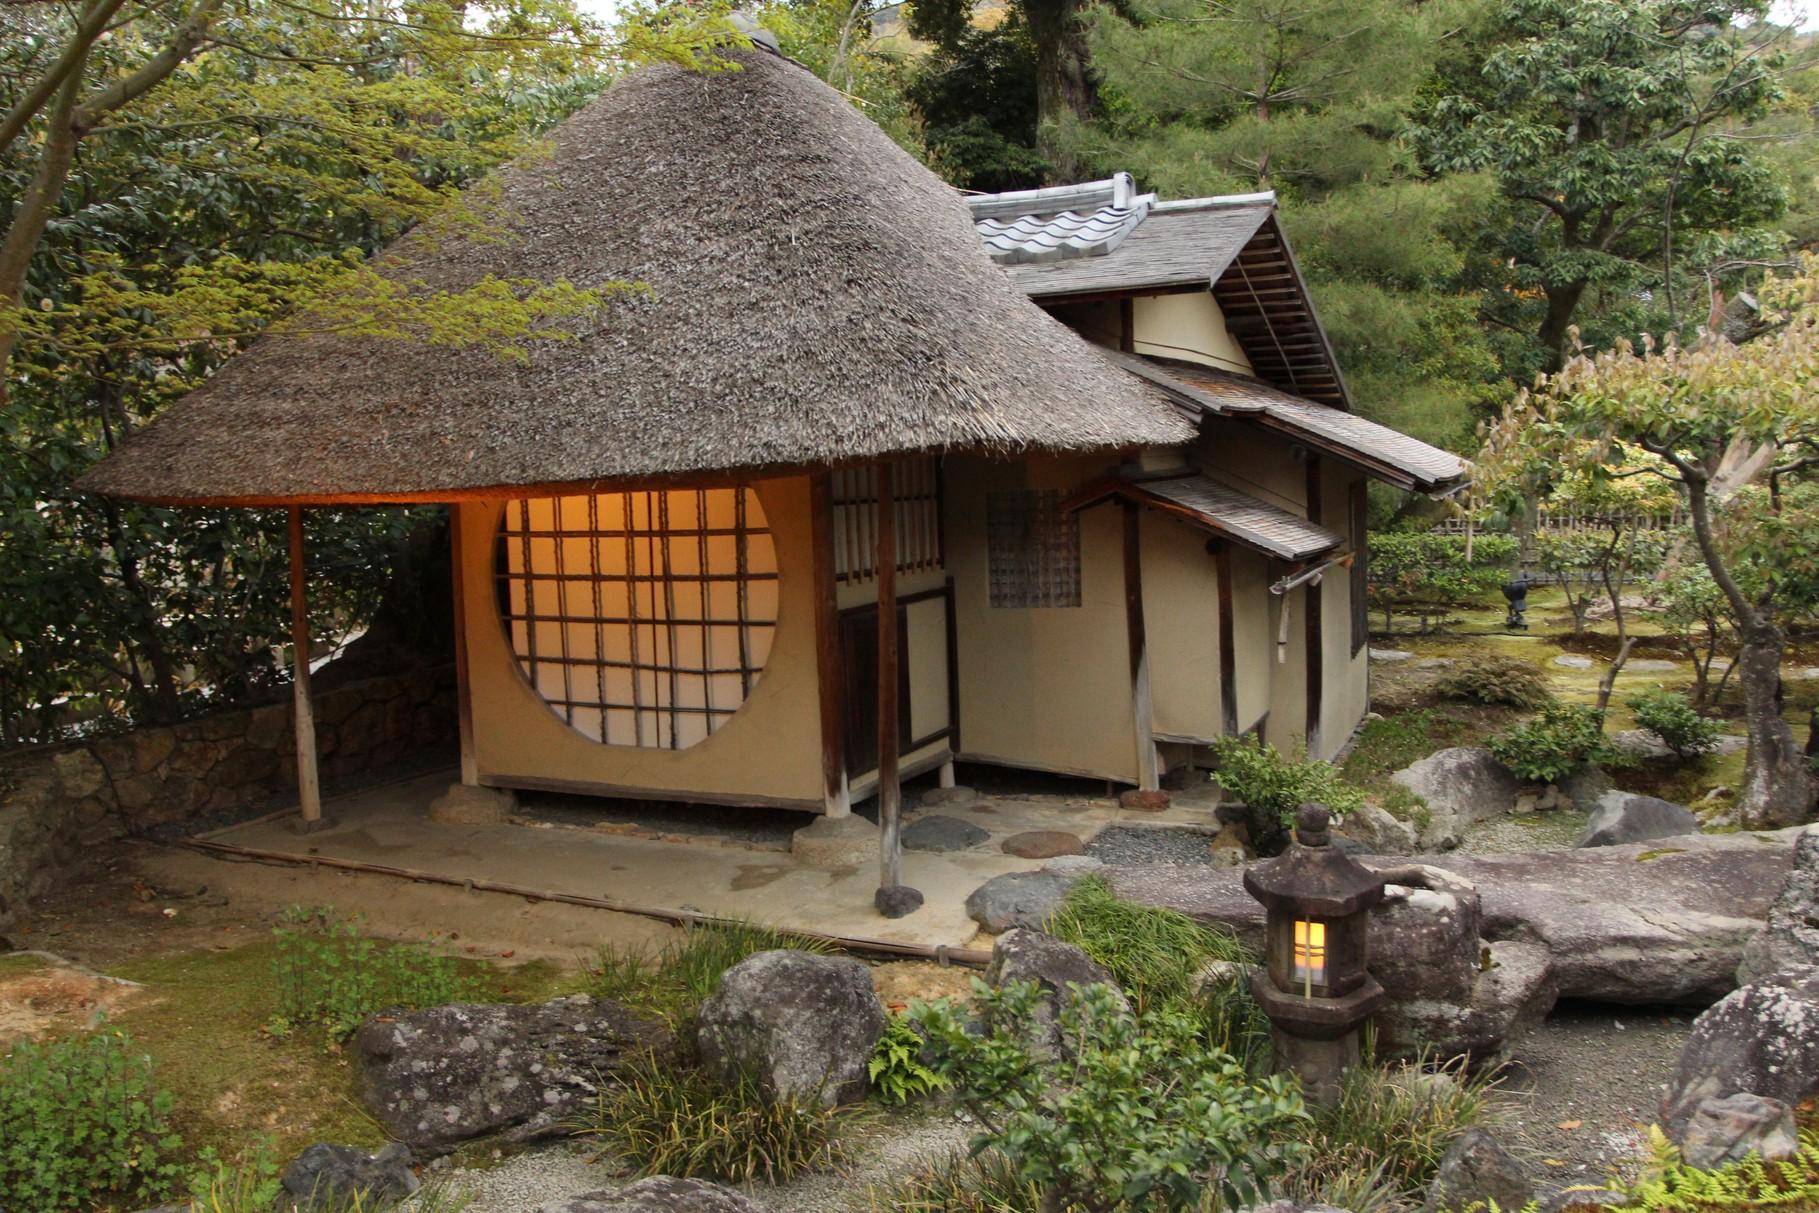 京都市 Kyōto, Kōdaiji, Teahouse